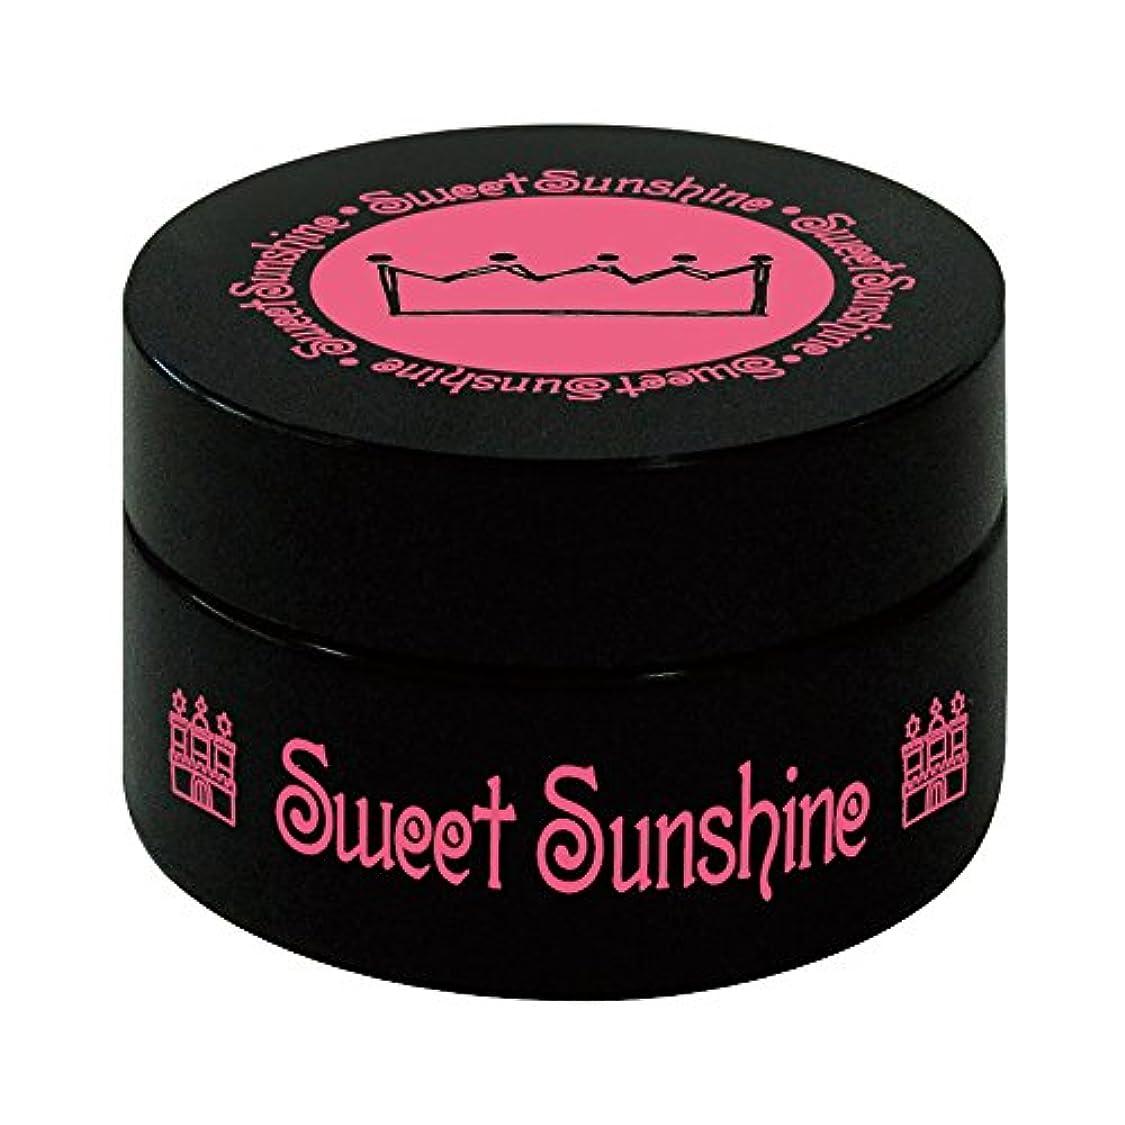 服を着るフラスコ誇張する最速硬化LED対応 Sweet Sunshine スィート サンシャイン カラージェル SC-18 4g フレンチピンク